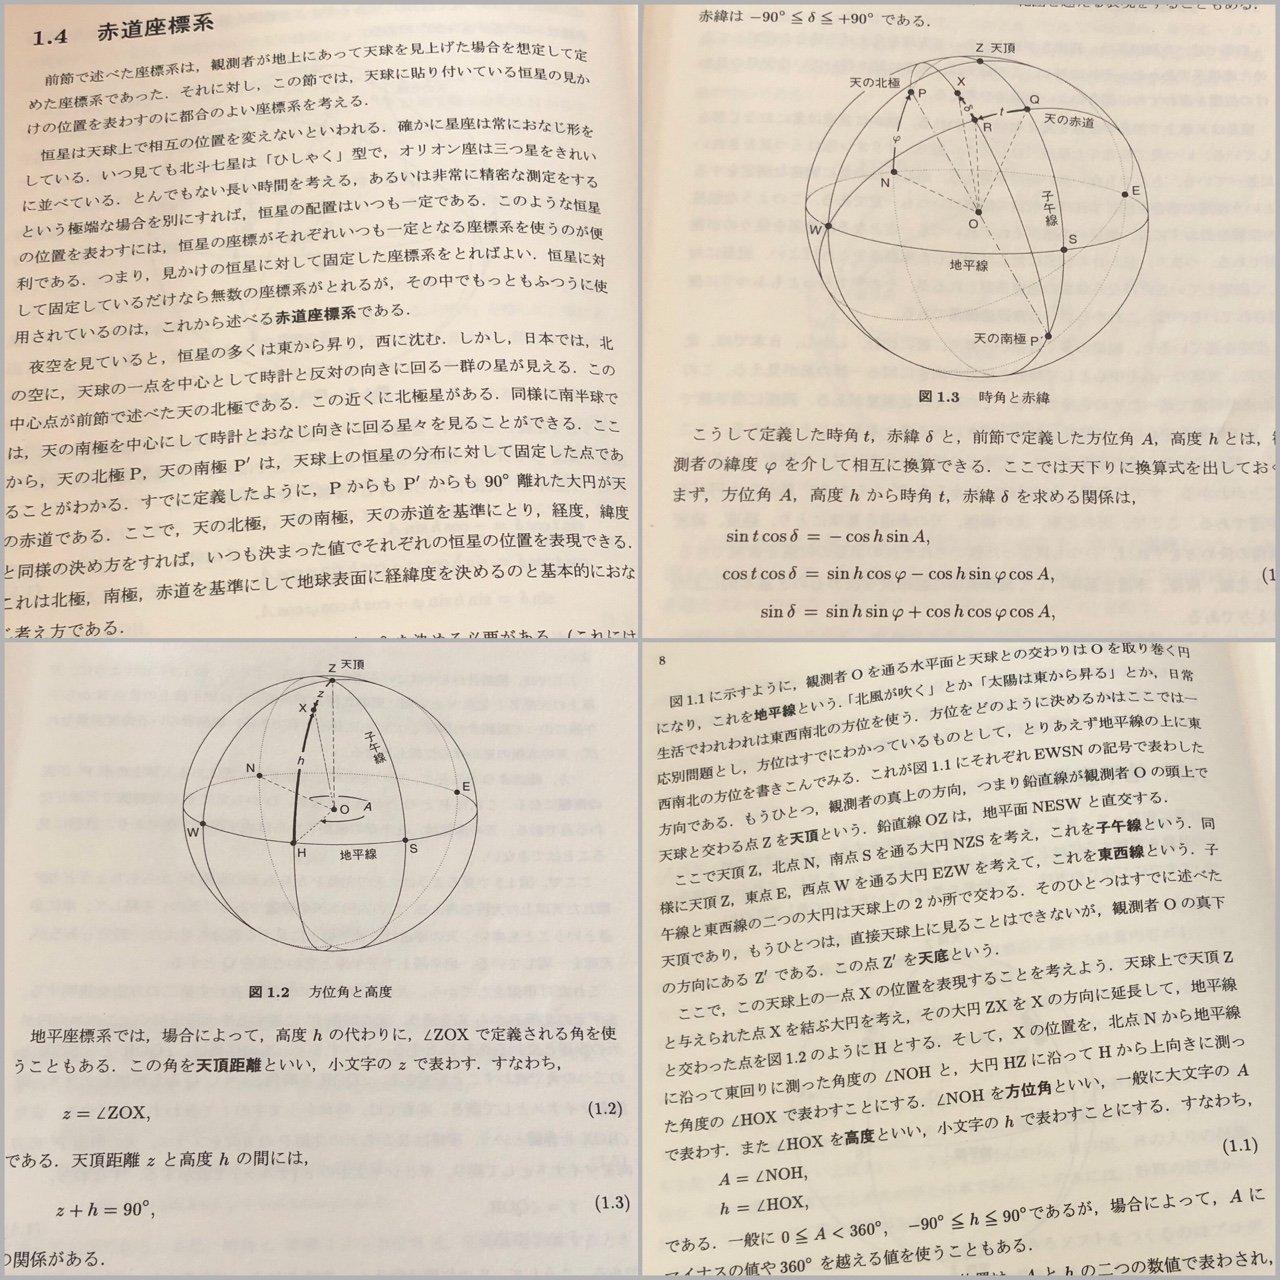 地平座標系、時角・赤緯系、赤道座標系。しっかりした説明が書いてある。理解するのにじっくり読まないといけない。  日の出・日の入りの計算―天体の出没時刻の求め方   長沢 工 https://t.co/abjHfEciKU https://t.co/uUWyw7HIcM